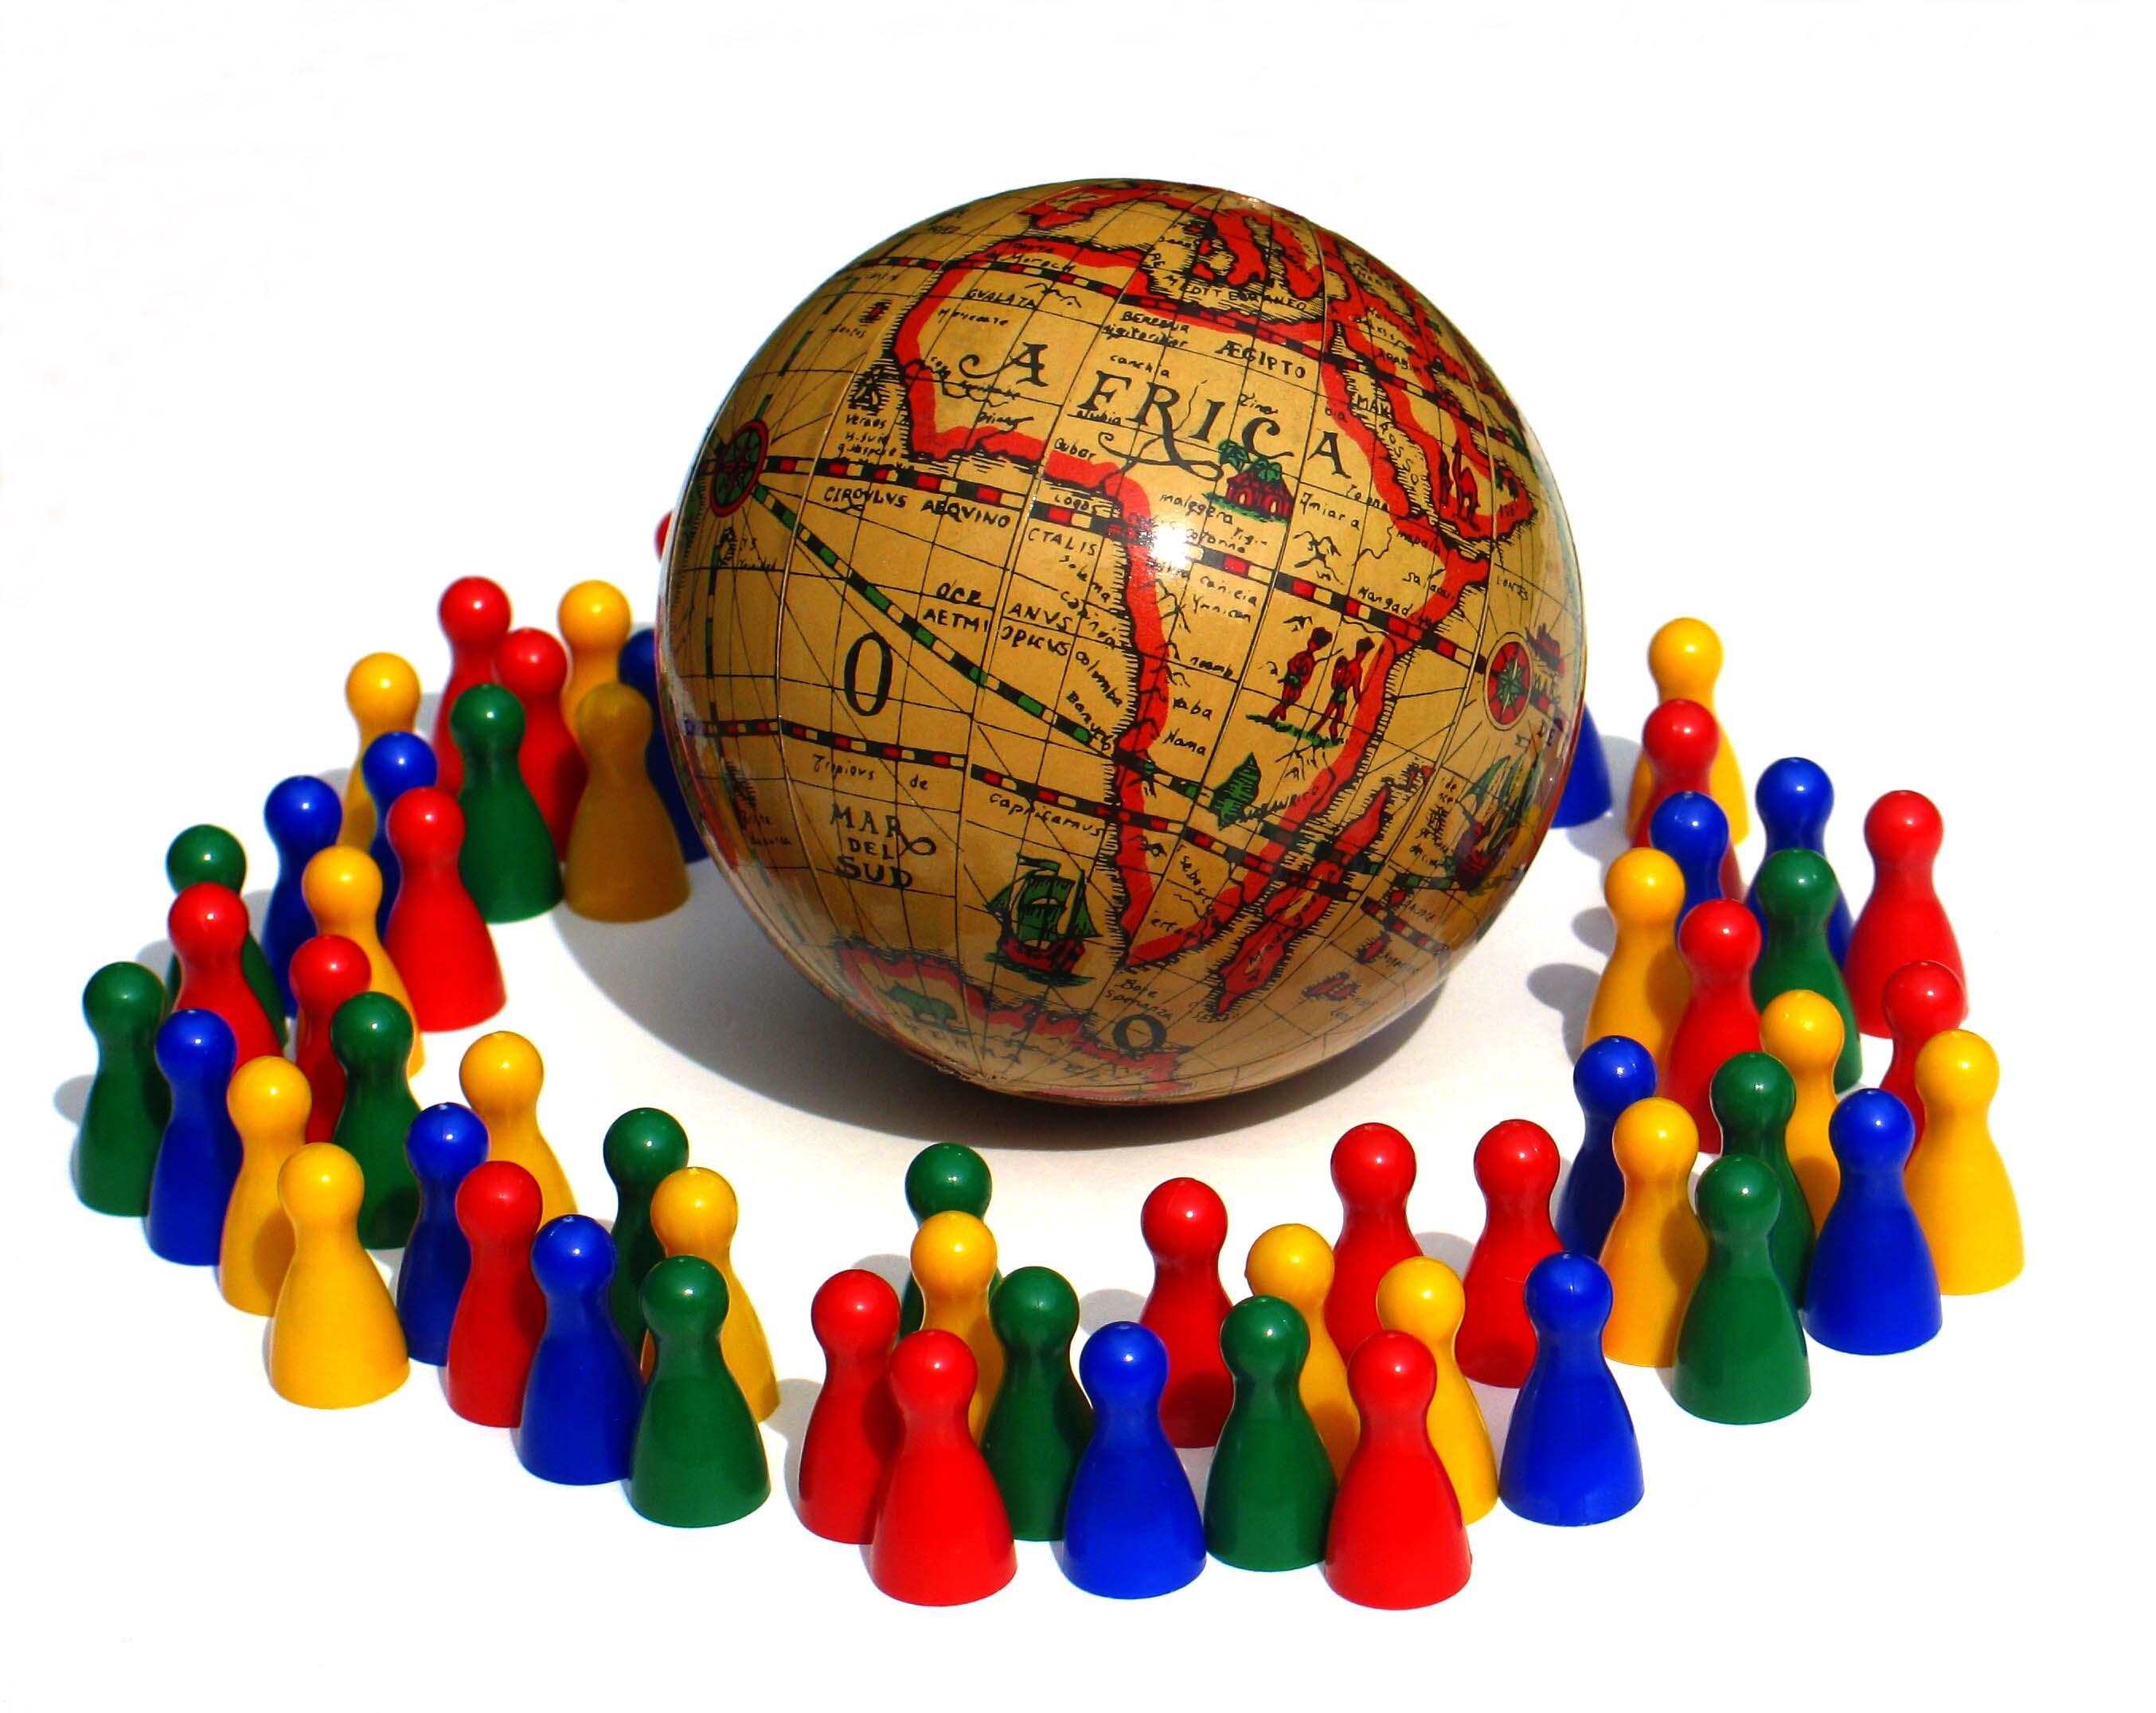 Maturità 2016 Liceo Scienze Umane: tracce e svolgimenti sul ruolo dei sistemi scolastici